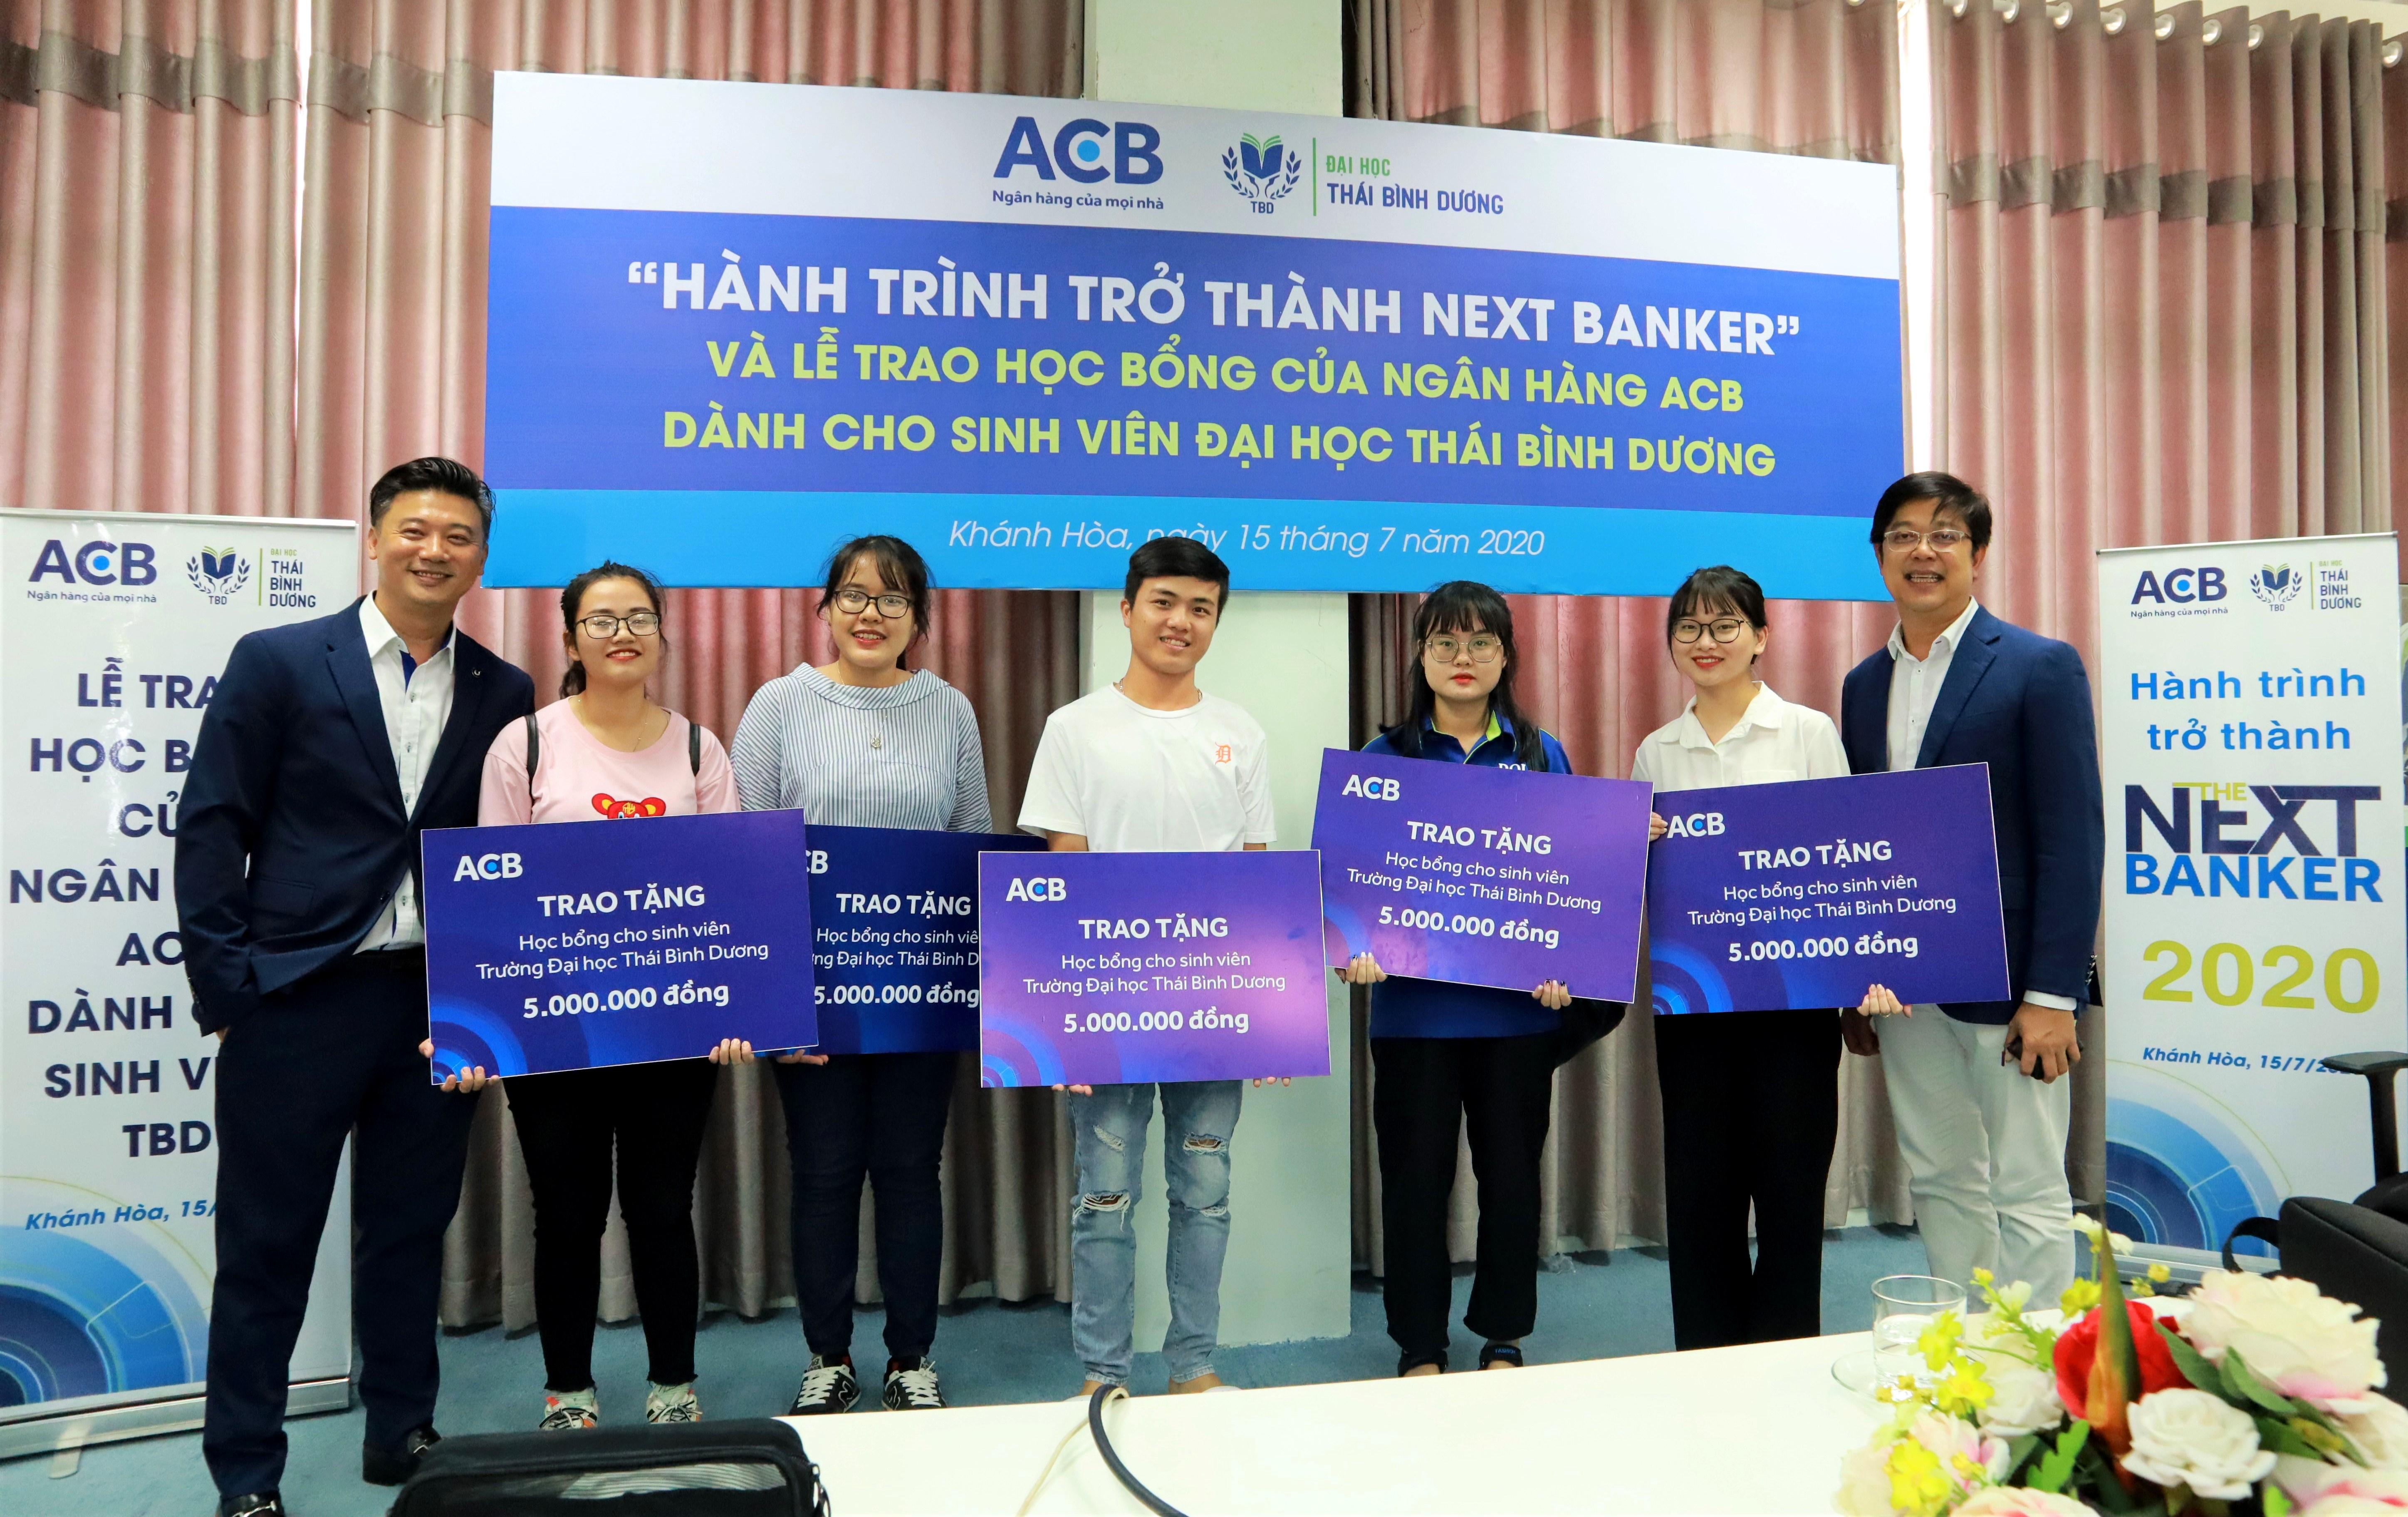 """Lễ trao Học bổng Ngân hàng ACB và Workshop """"Hành trình trở thành The Next Banker"""""""